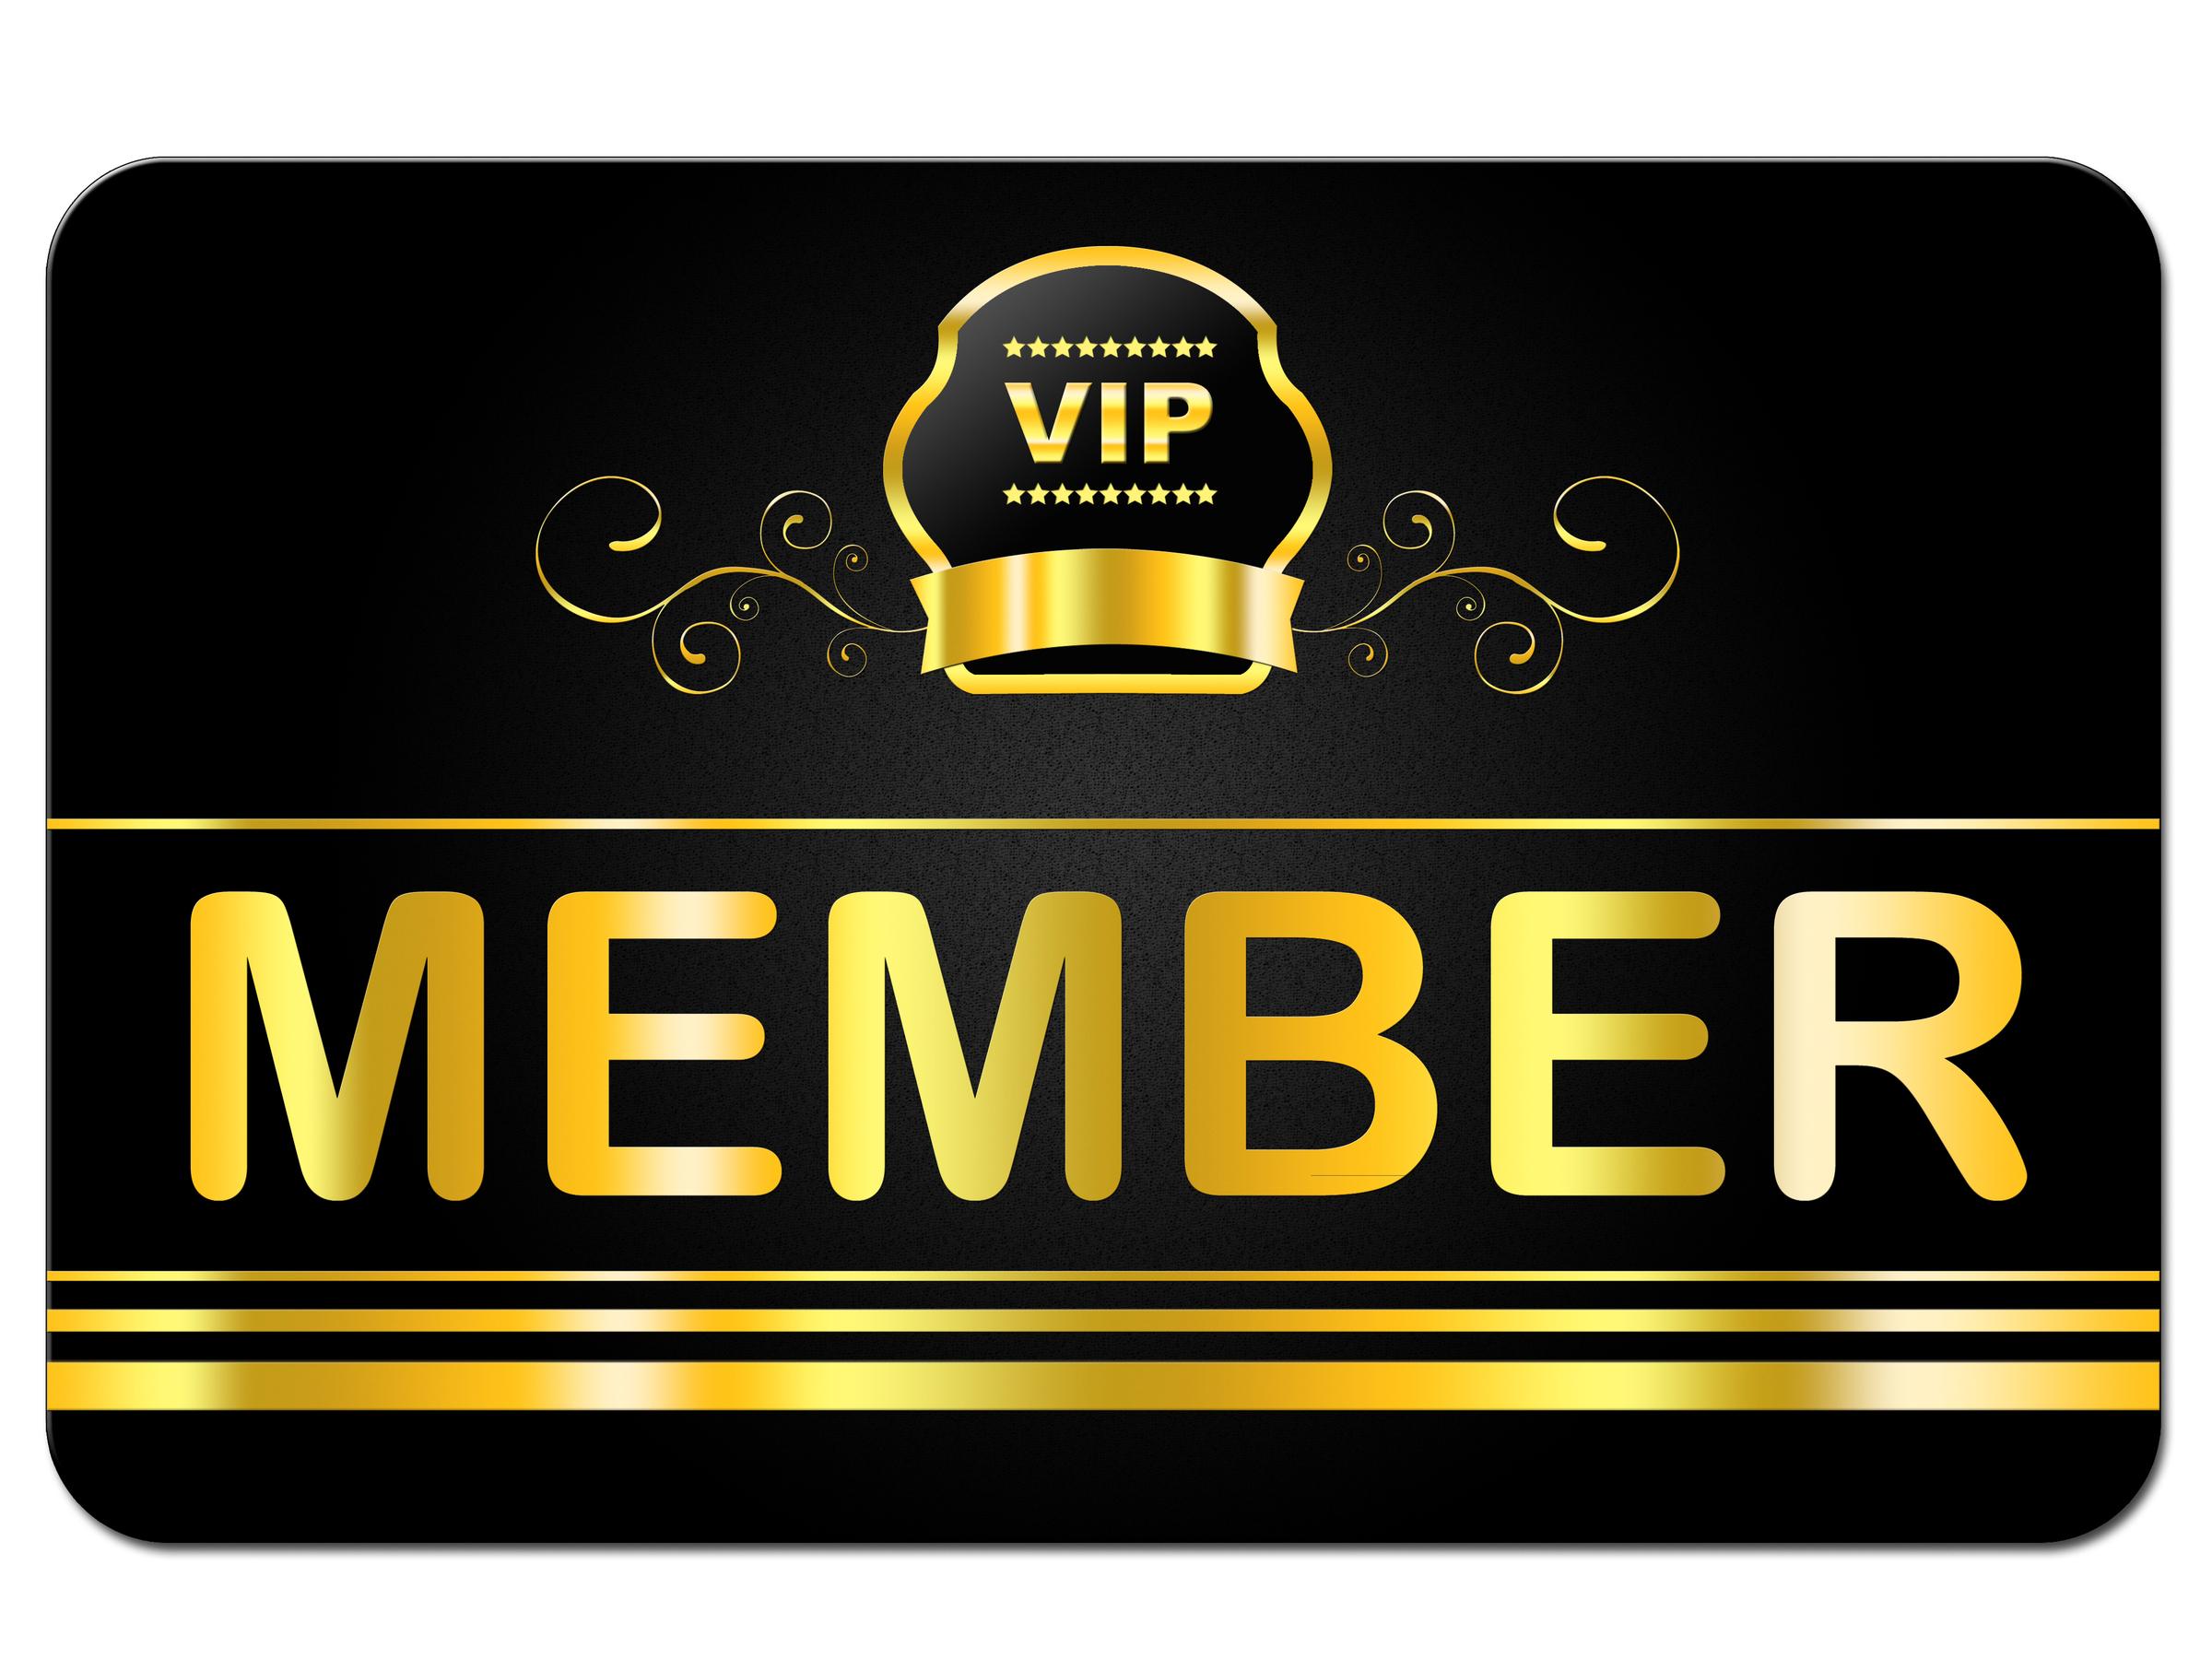 Park Museum Membership Card